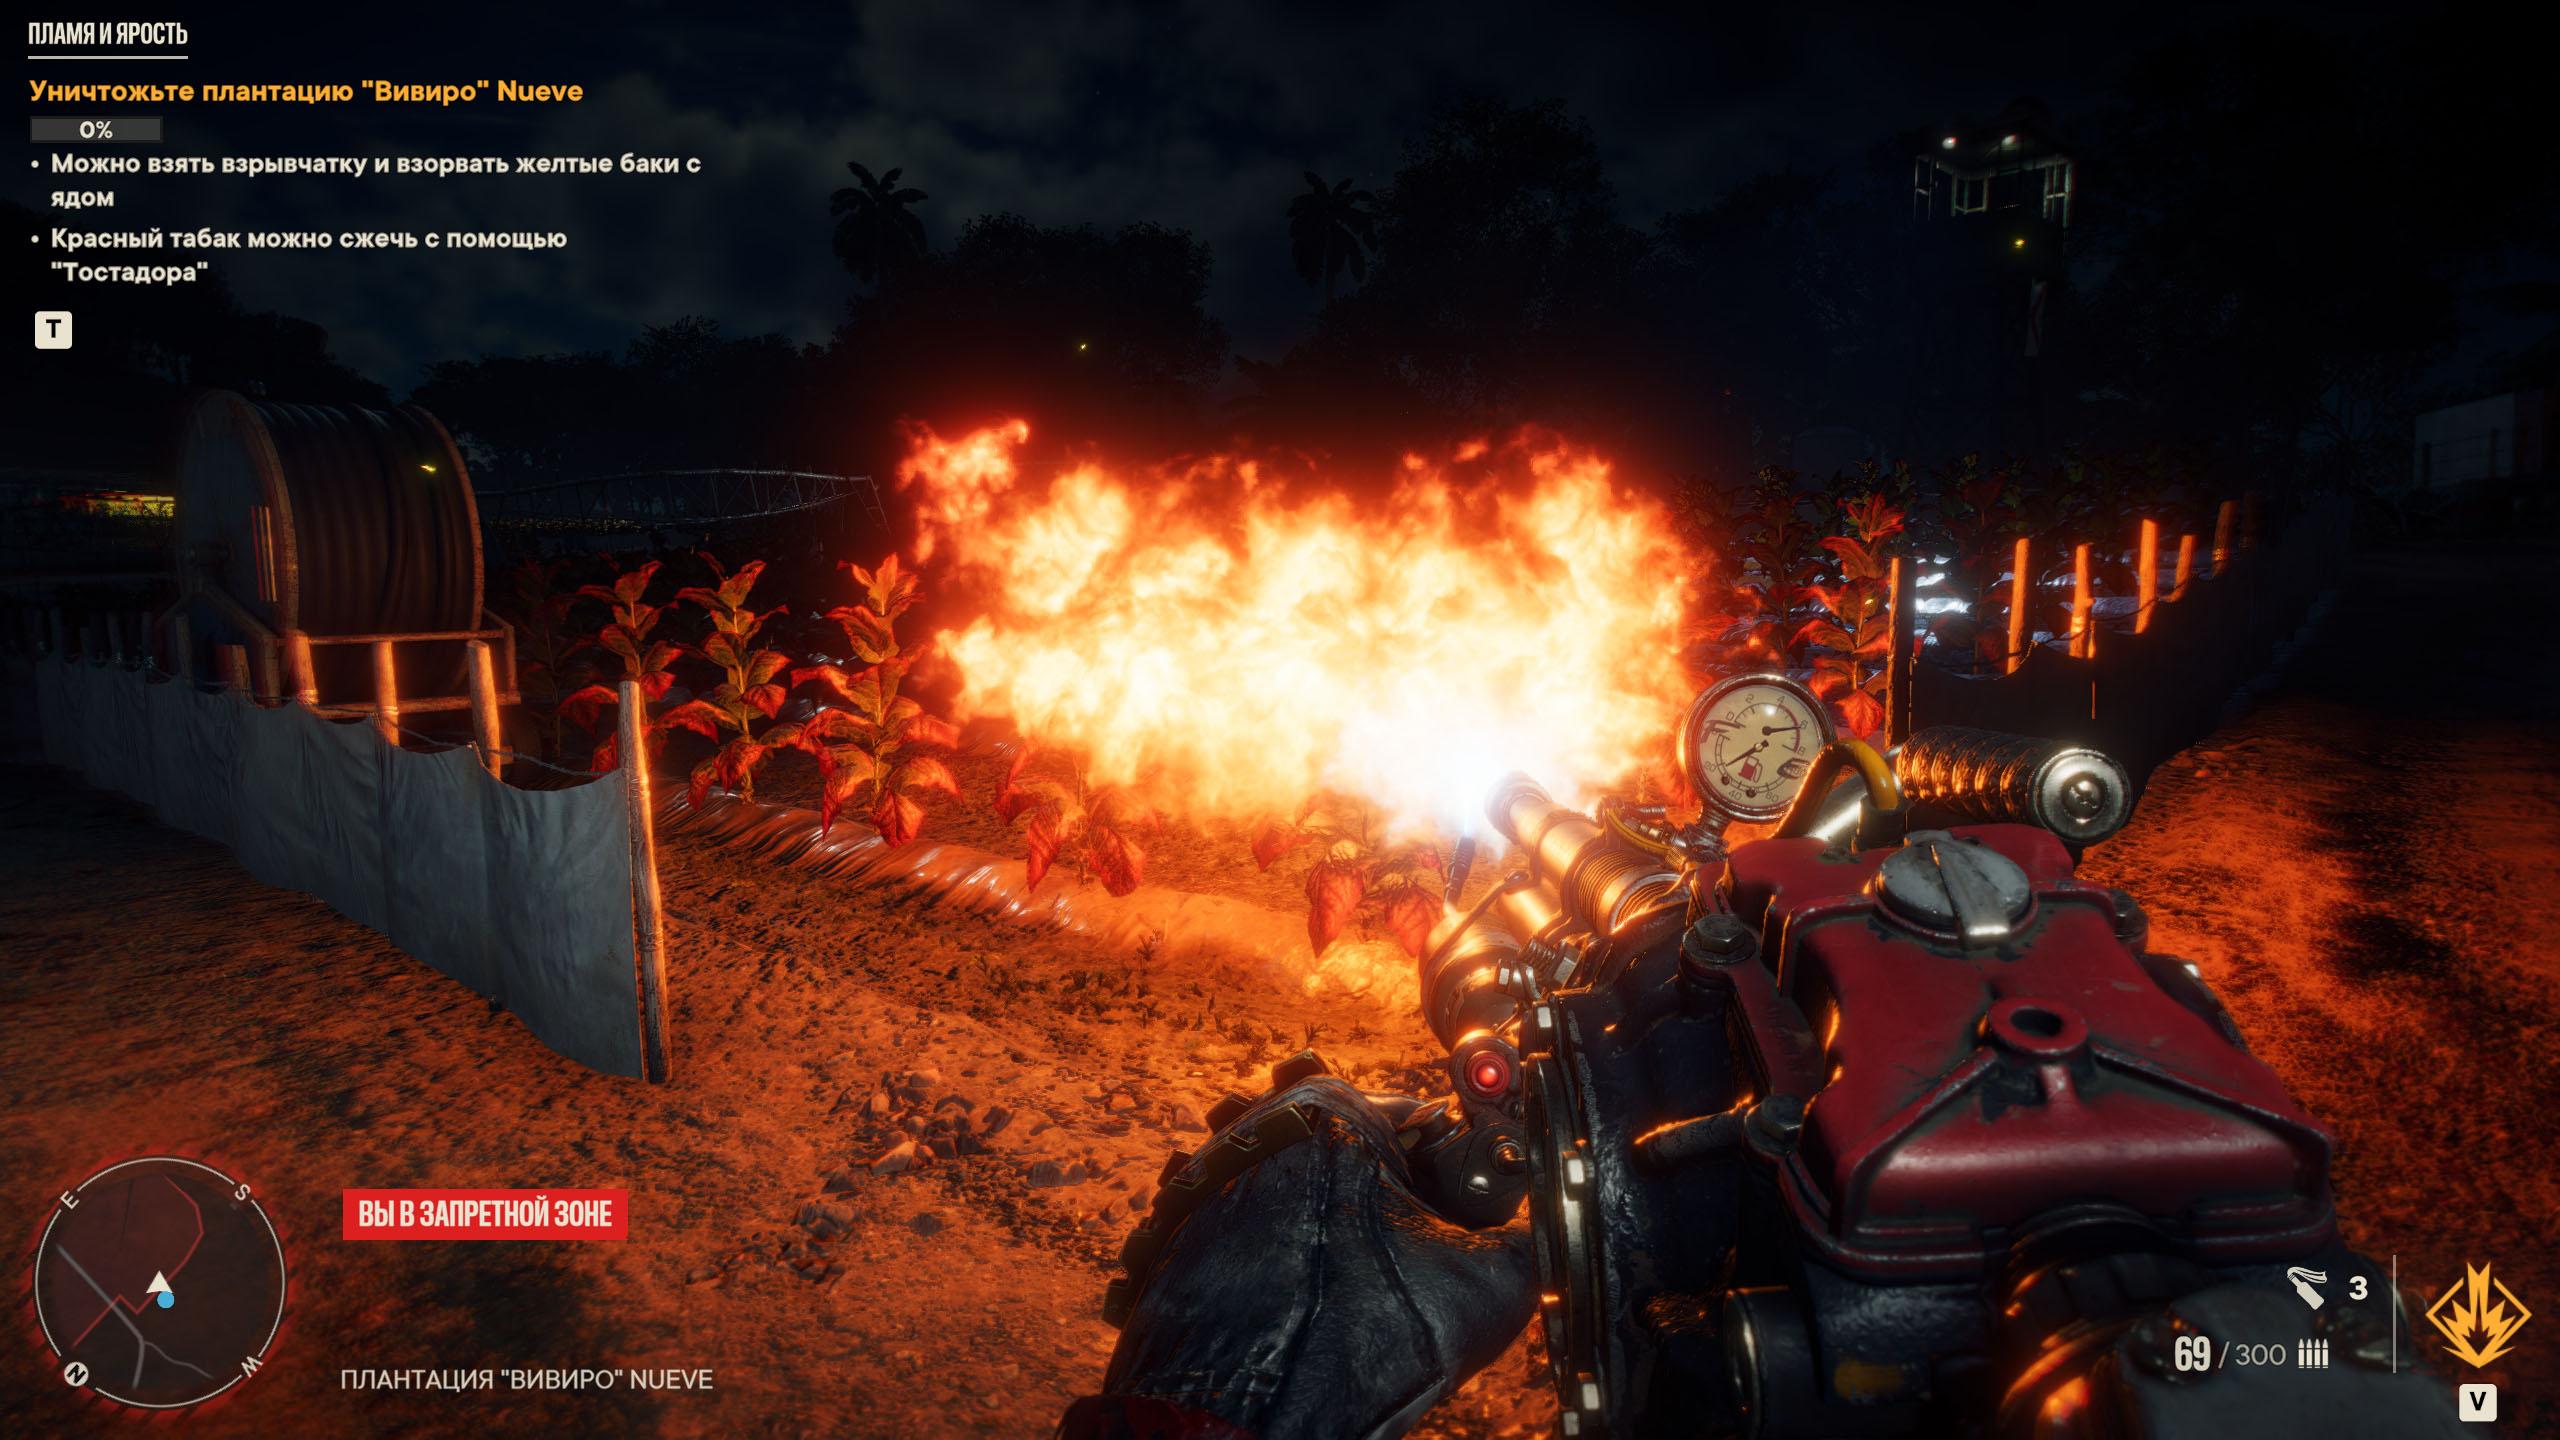 Far Cry 6 Screenshot 2021.09.29 — 23.01.55.17